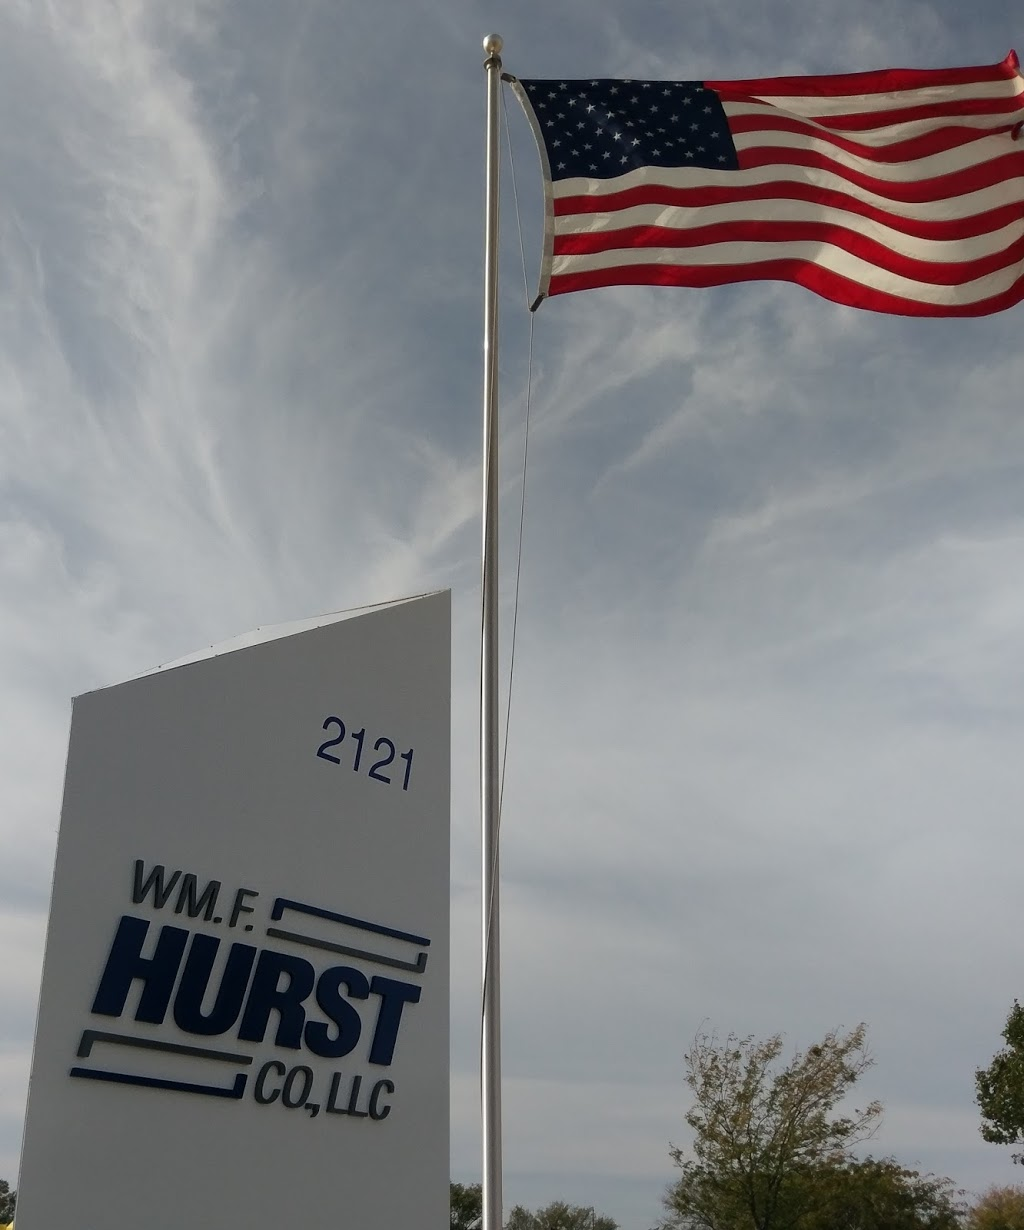 Wm. F. Hurst Co., LLC - store    Photo 2 of 10   Address: 2121 Southwest Blvd, Wichita, KS 67213, USA   Phone: (316) 942-7474